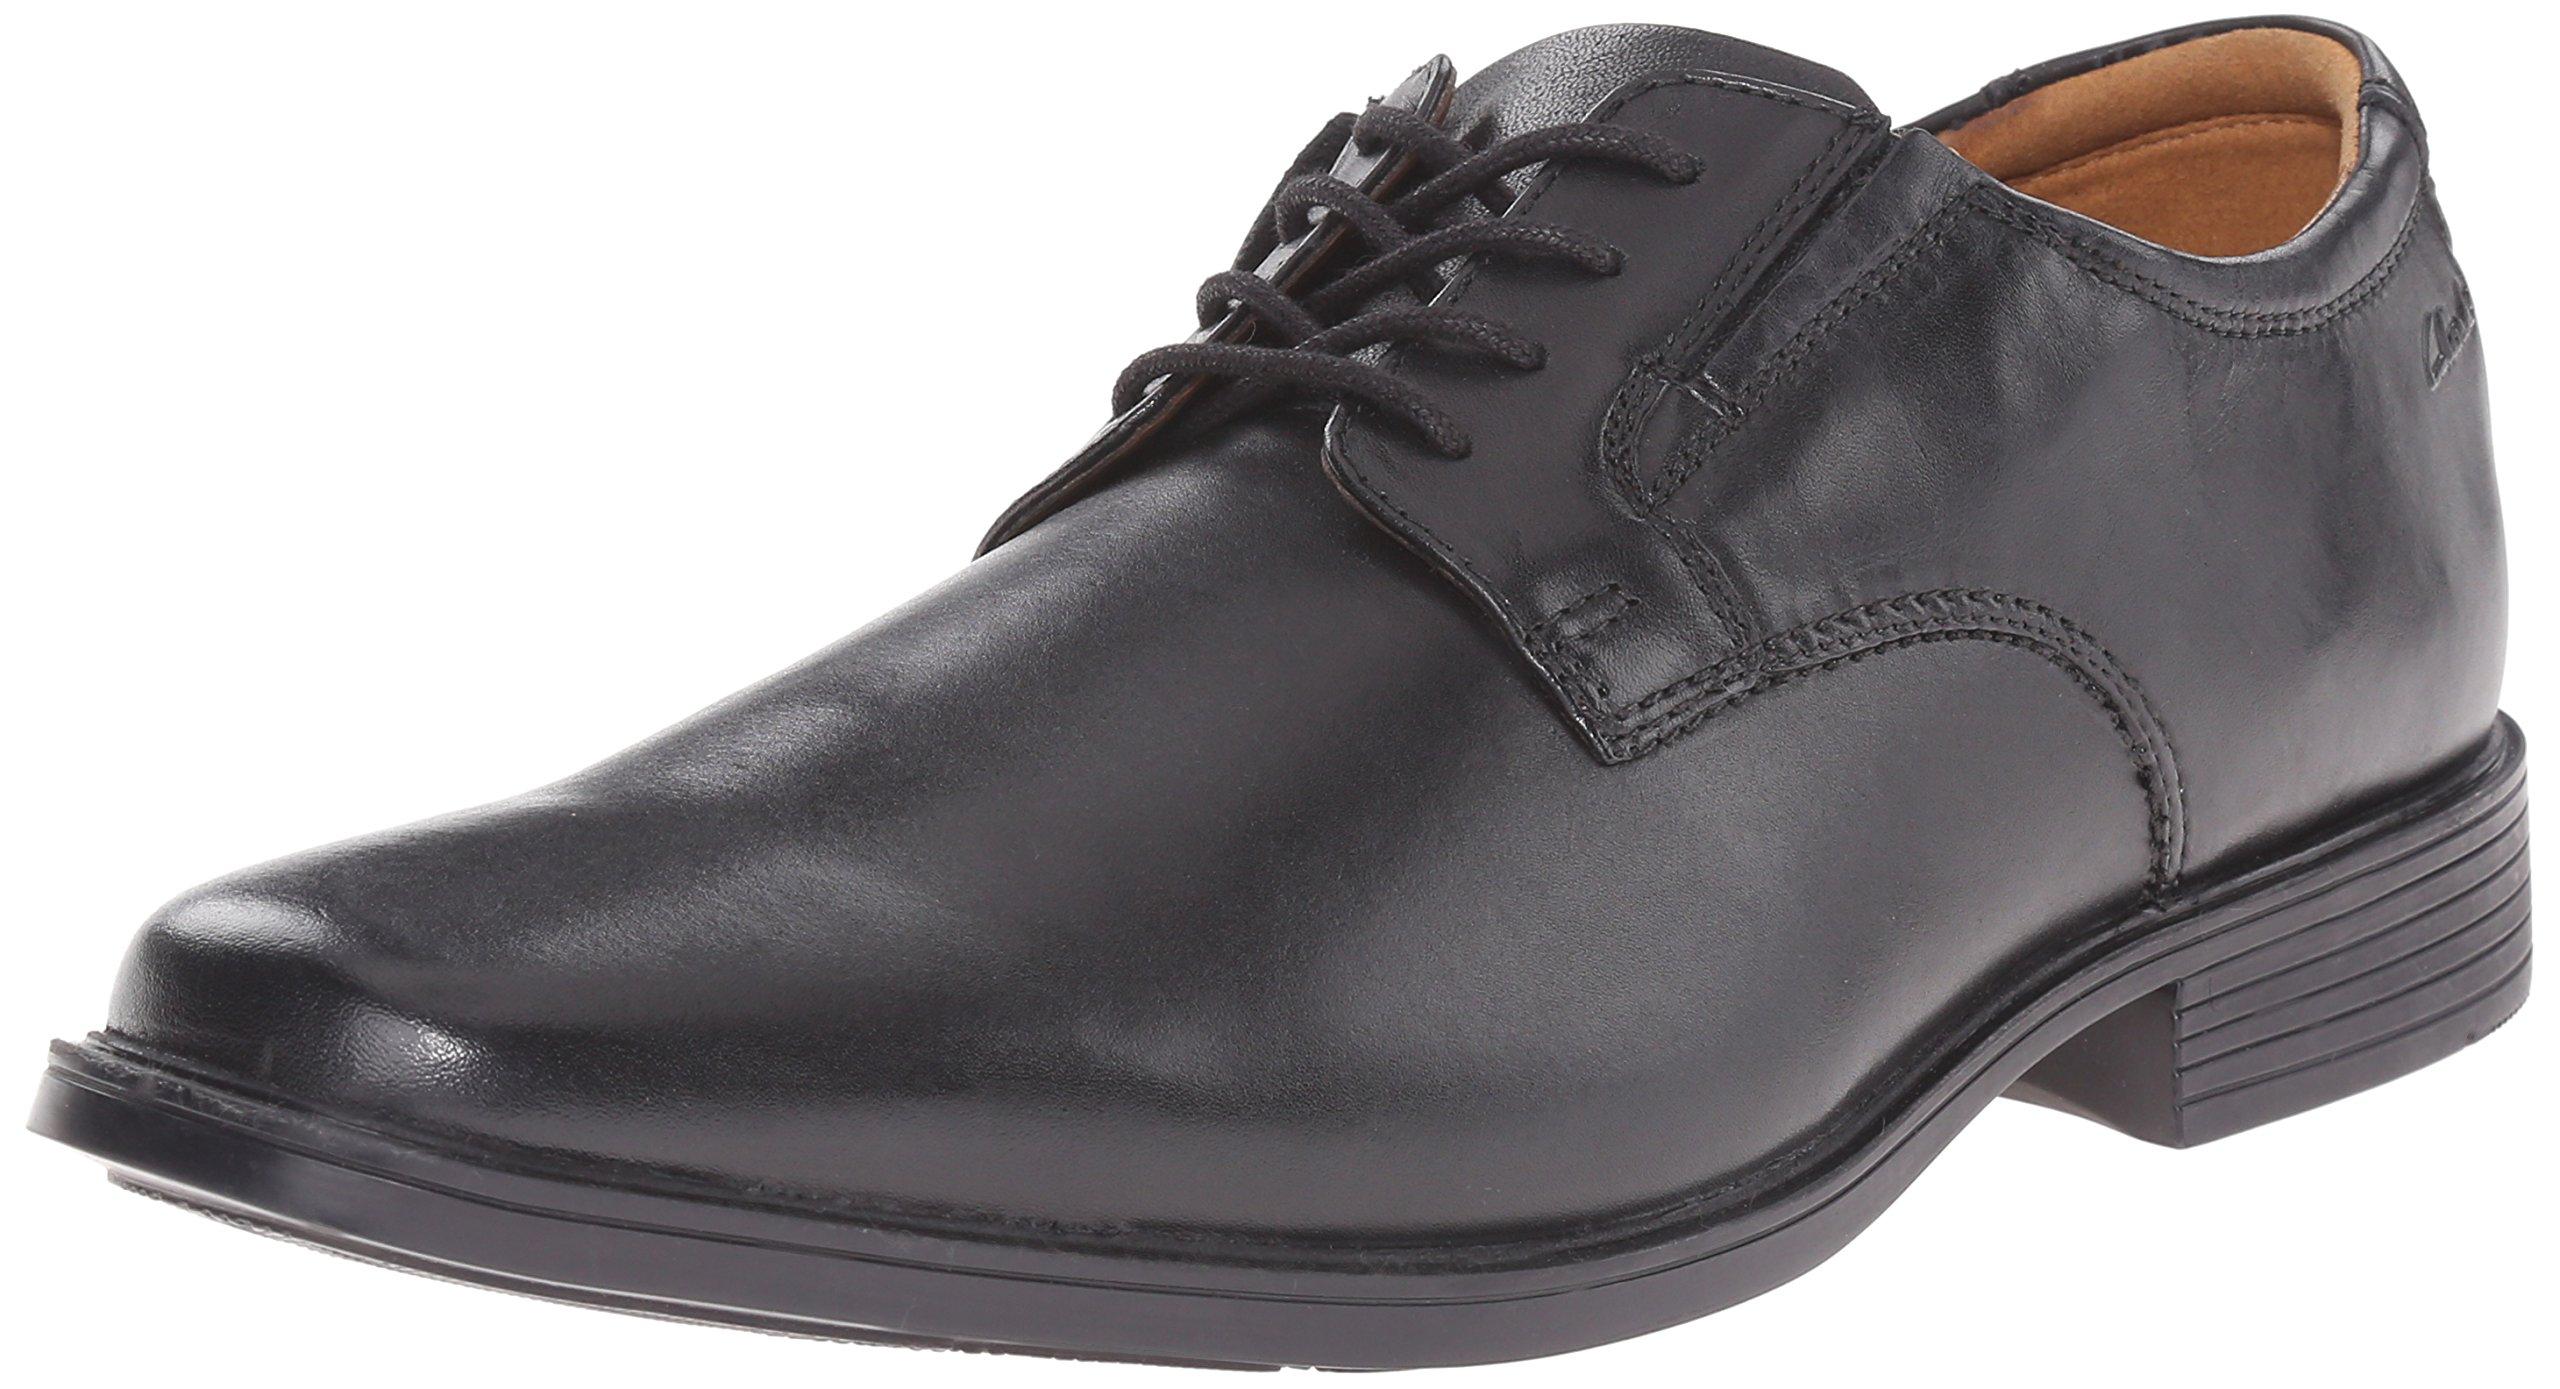 CLARKS Men's Tilden Plain Oxford, Black Leather, 13 Medium US